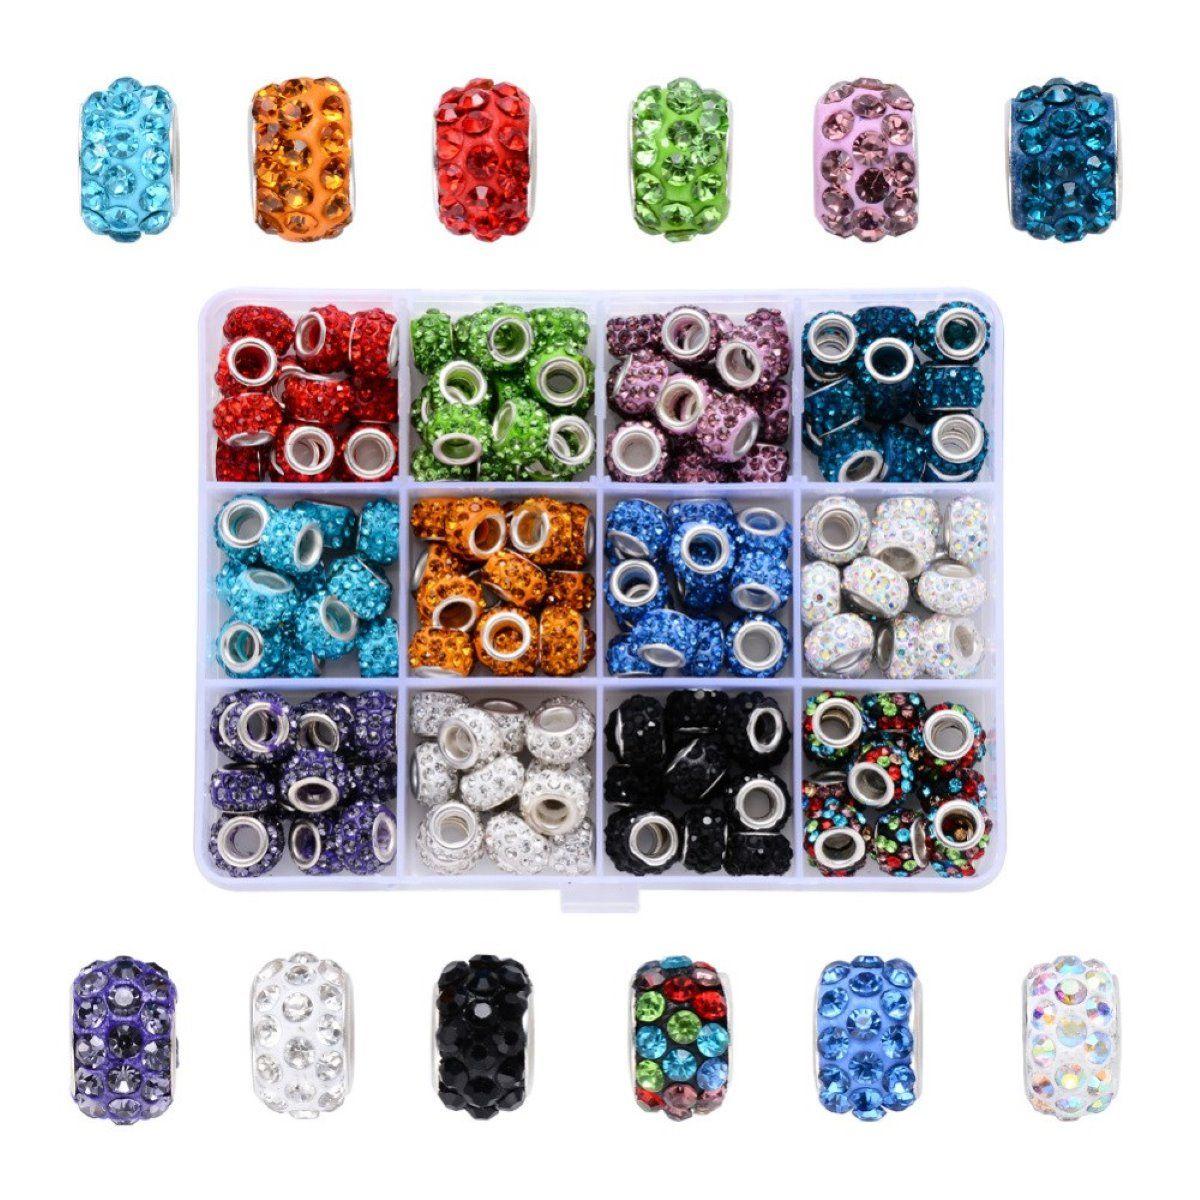 Charm Perlen Set mit Strass, 180 Stück, 12 Farben á 15 Perlen, 11mm